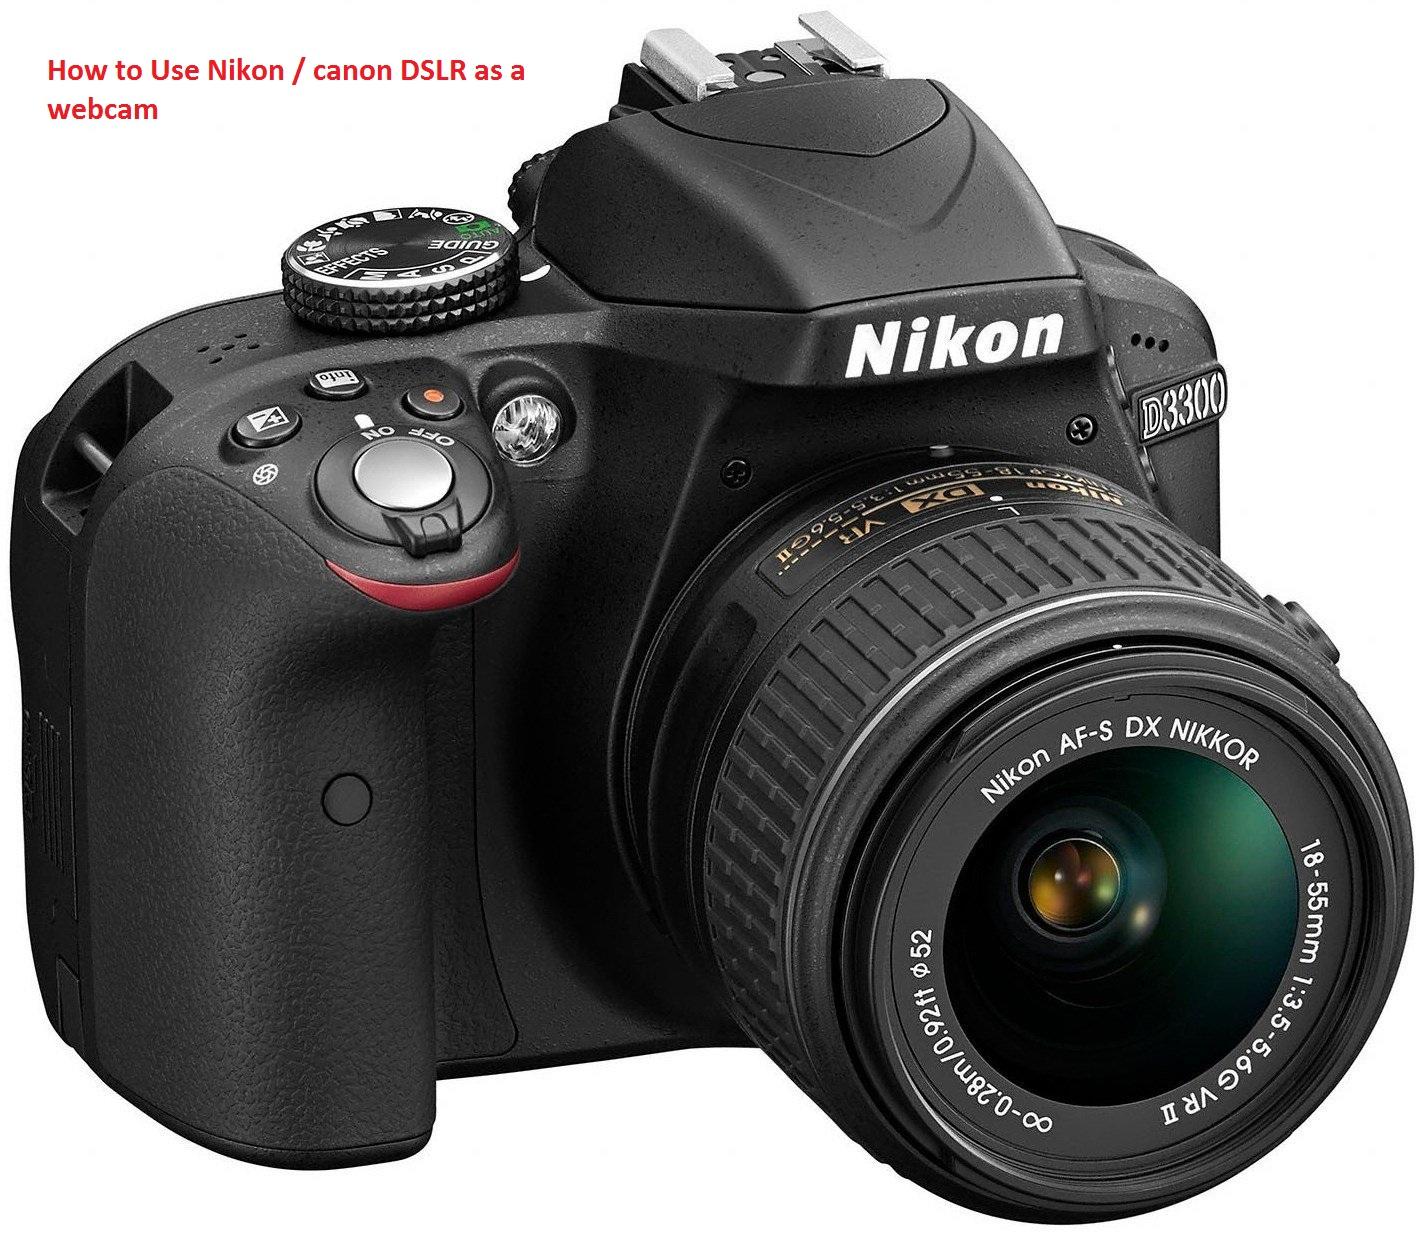 How To Use Nikon Canon Dslr As A Webcam Techtrick